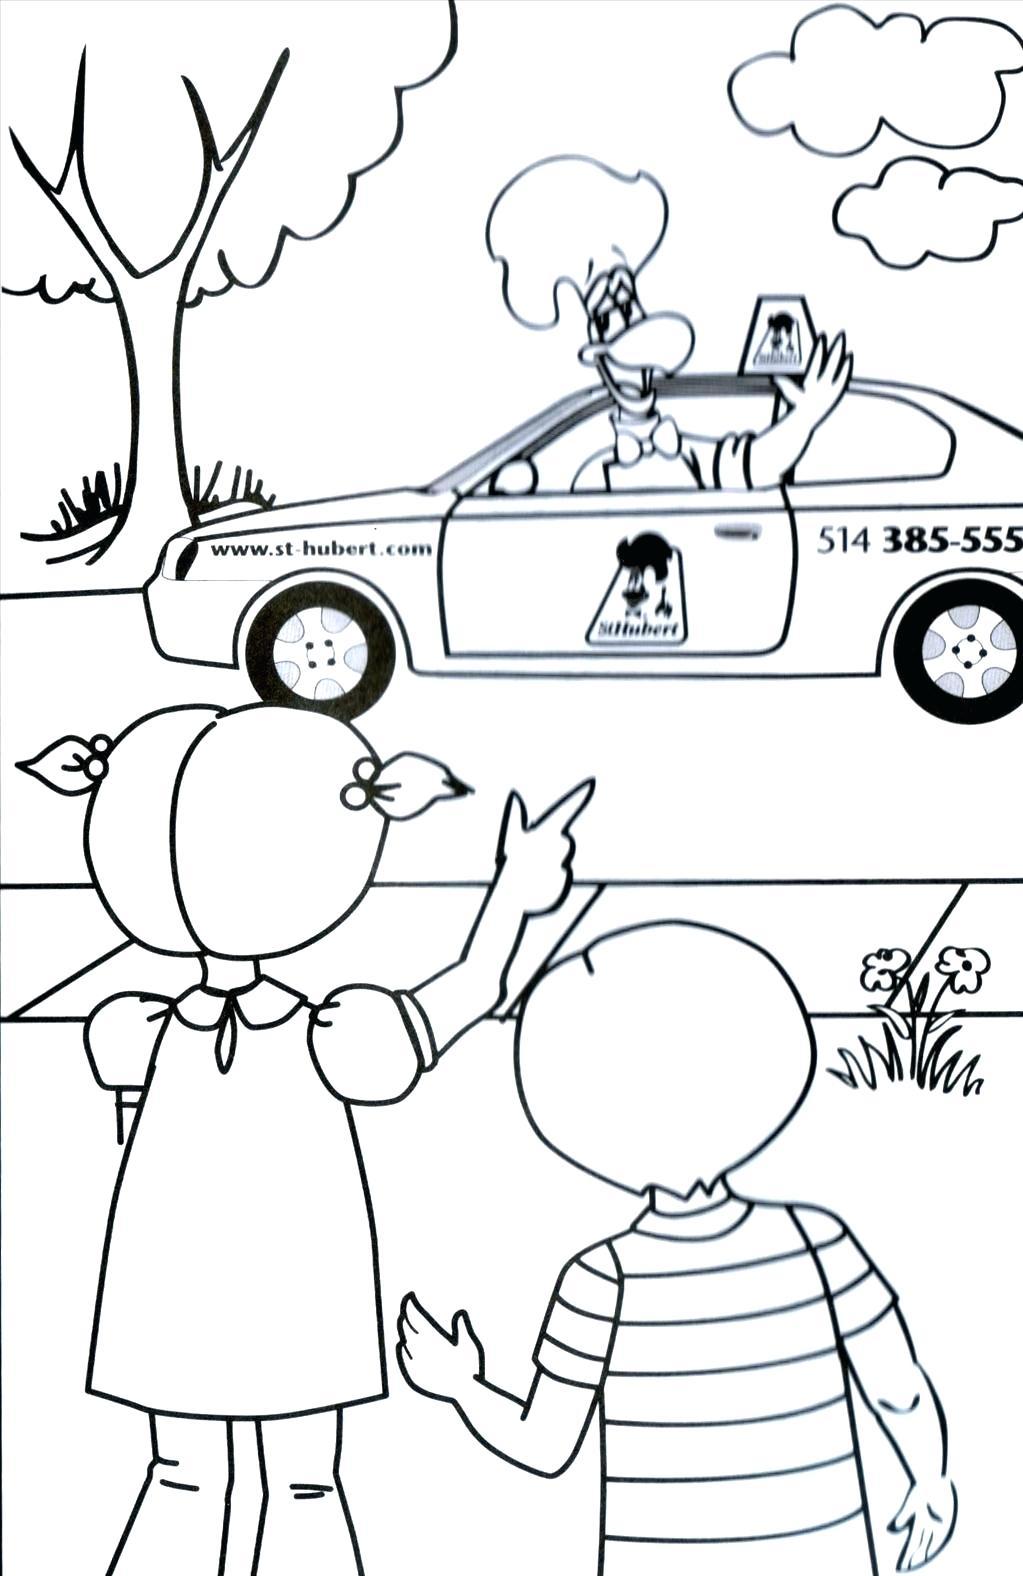 1023x1576 Bonanza Stranger Danger Coloring Pages Internet Safety Fruit Adult